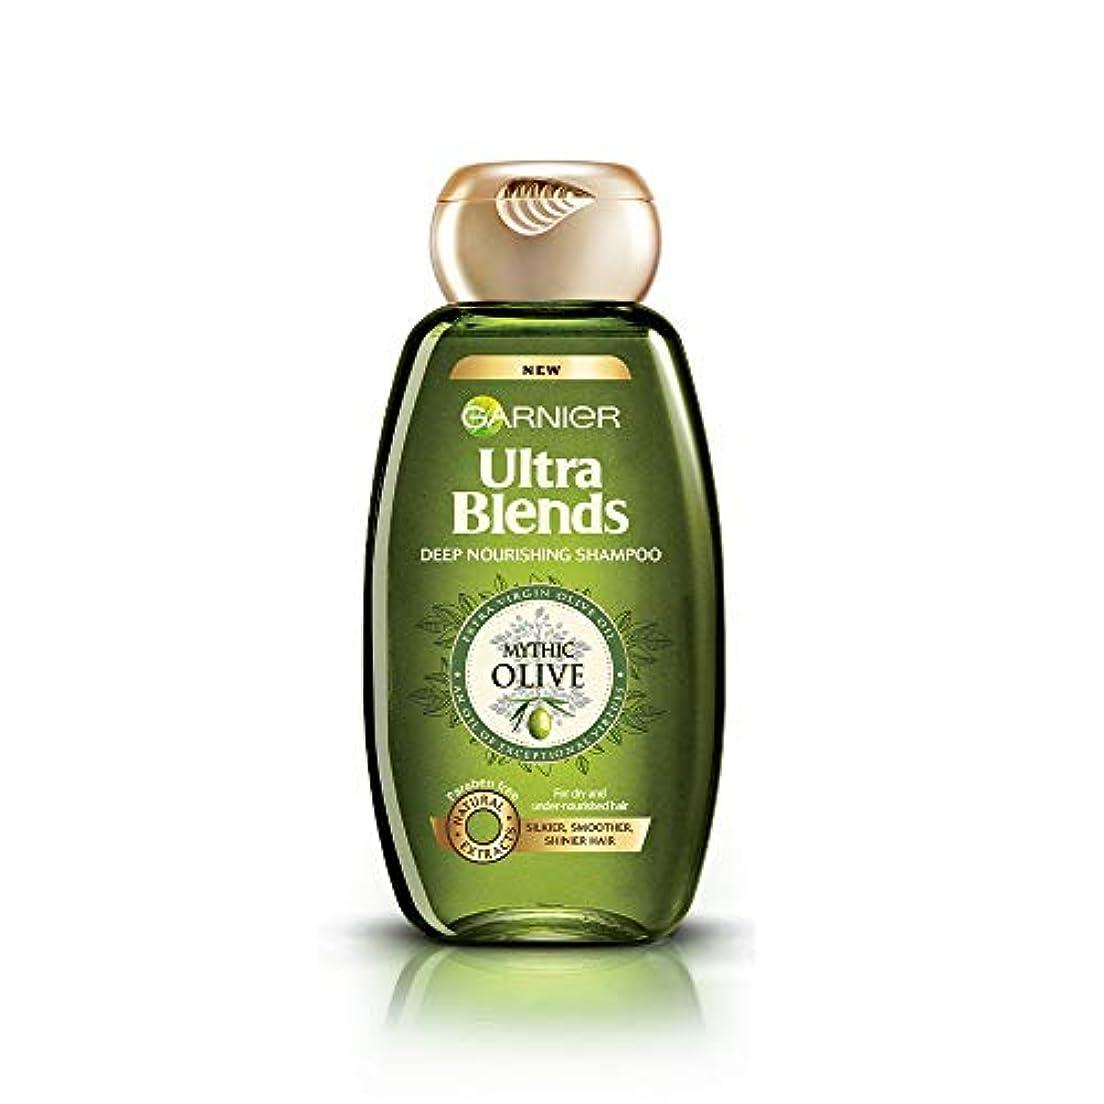 あいまいさ逃れる北西Garnier Ultra Blends Shampoo, Mythic Olive, 360ml